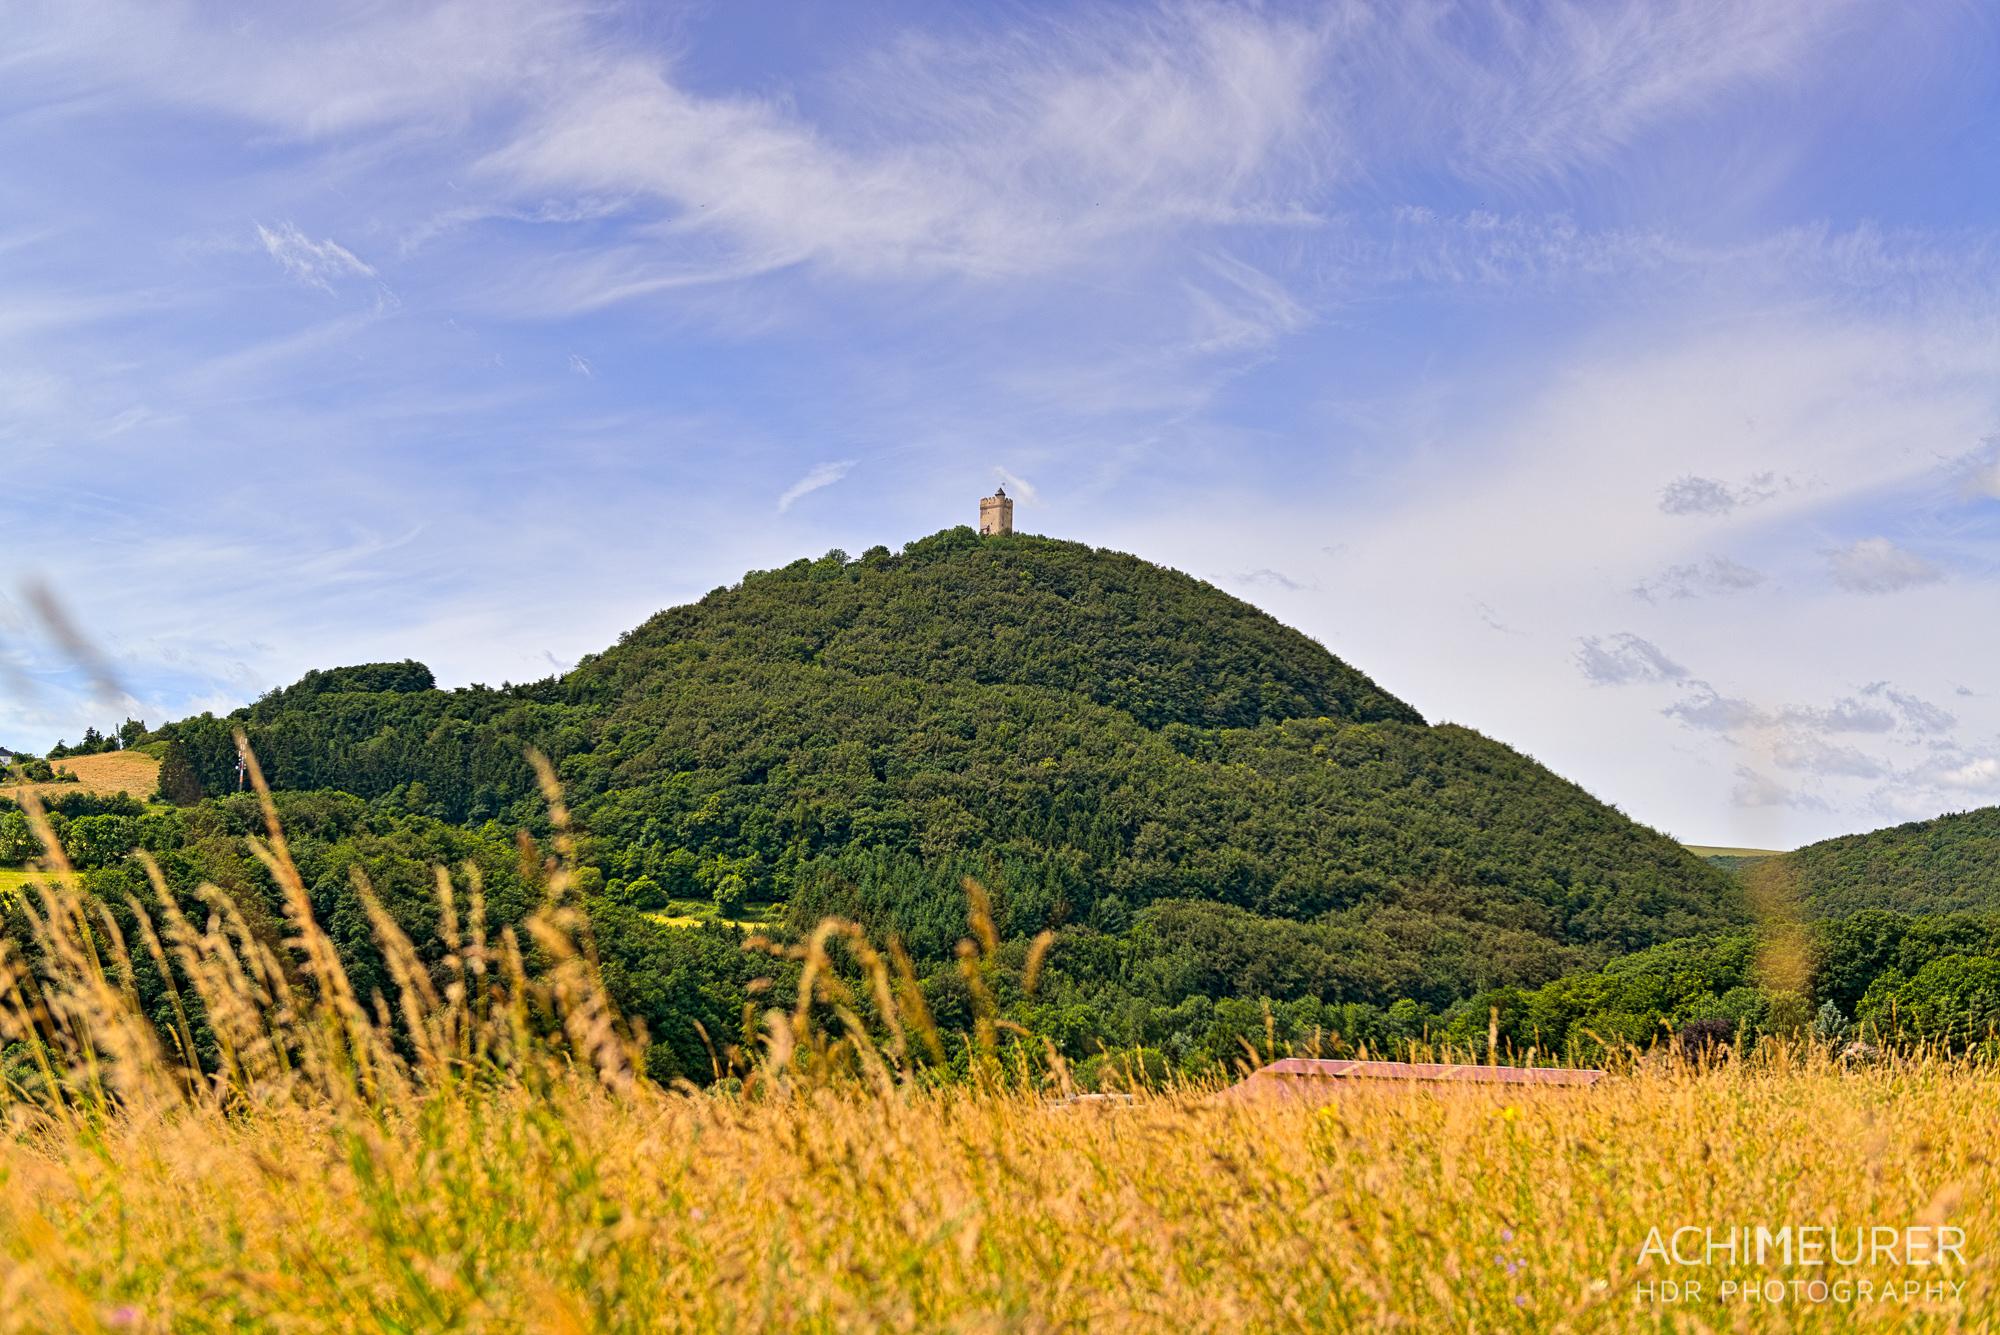 Eifel-Rheinland-Pfalz-Brohltal_5565_4_3_2_1_HDR